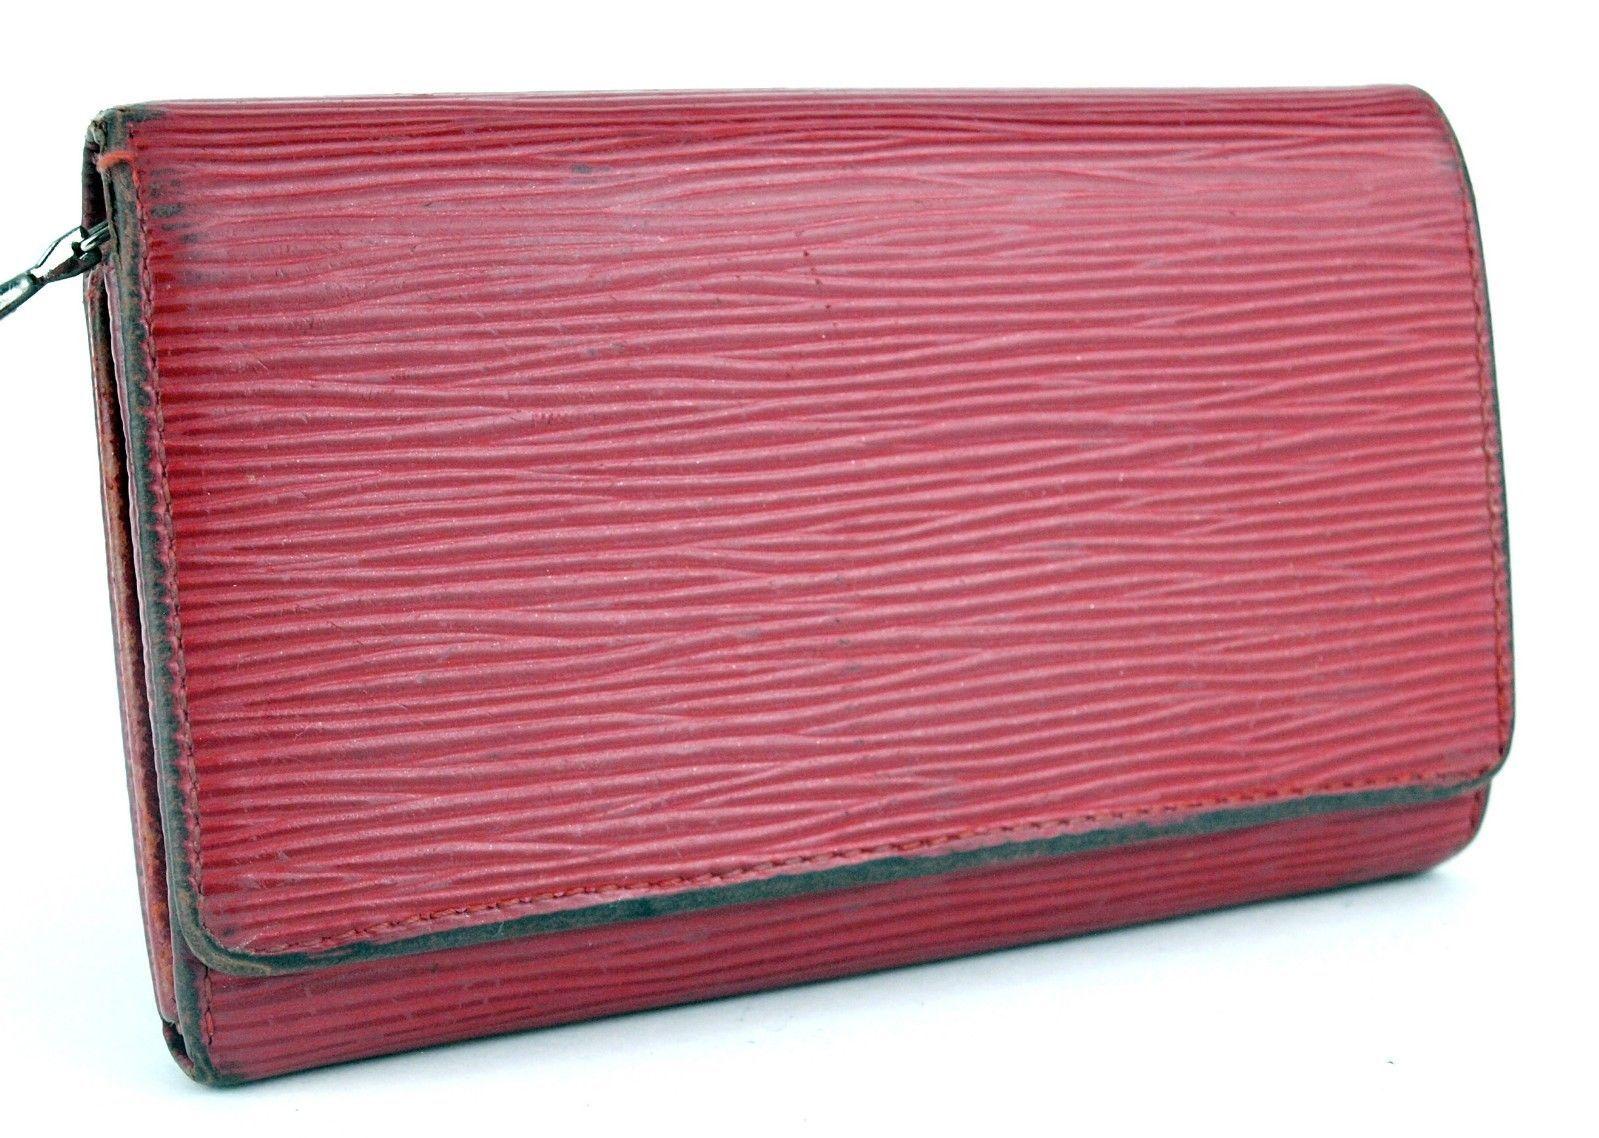 7949869d3166 S l1600. S l1600. Previous. Auth Louis Vuitton Paris Red Epi Leather Bifold  Wallet Coin Purse France SR0025